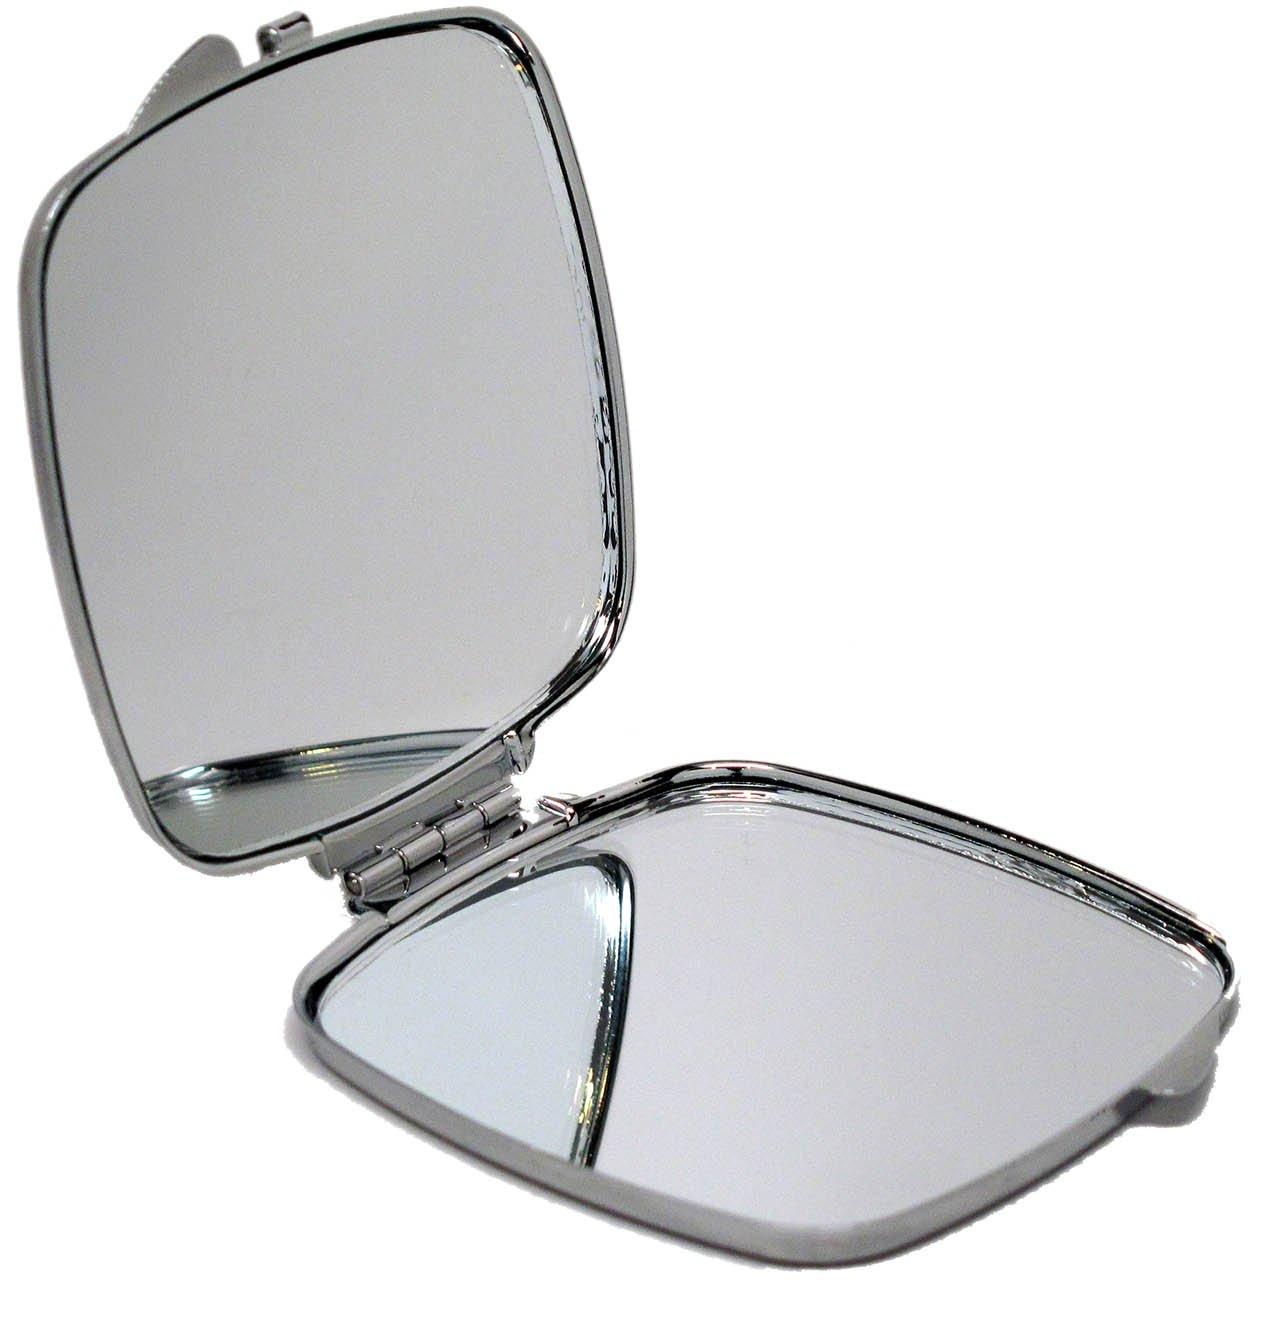 Zebra Finch Bird Rikki Knight Compact Mirror